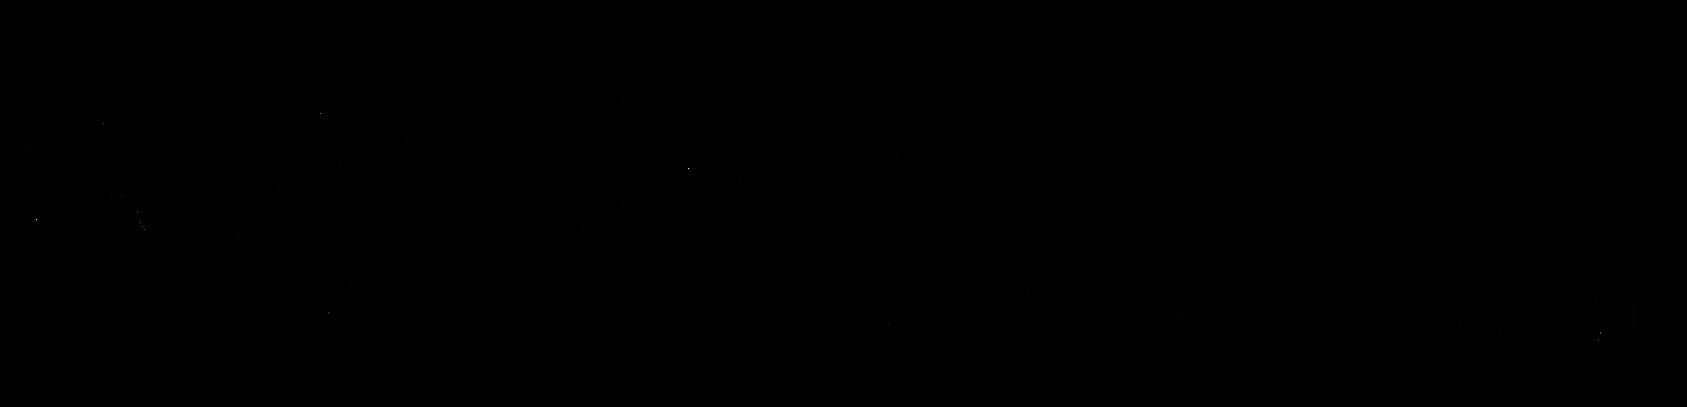 Jyothi Godin